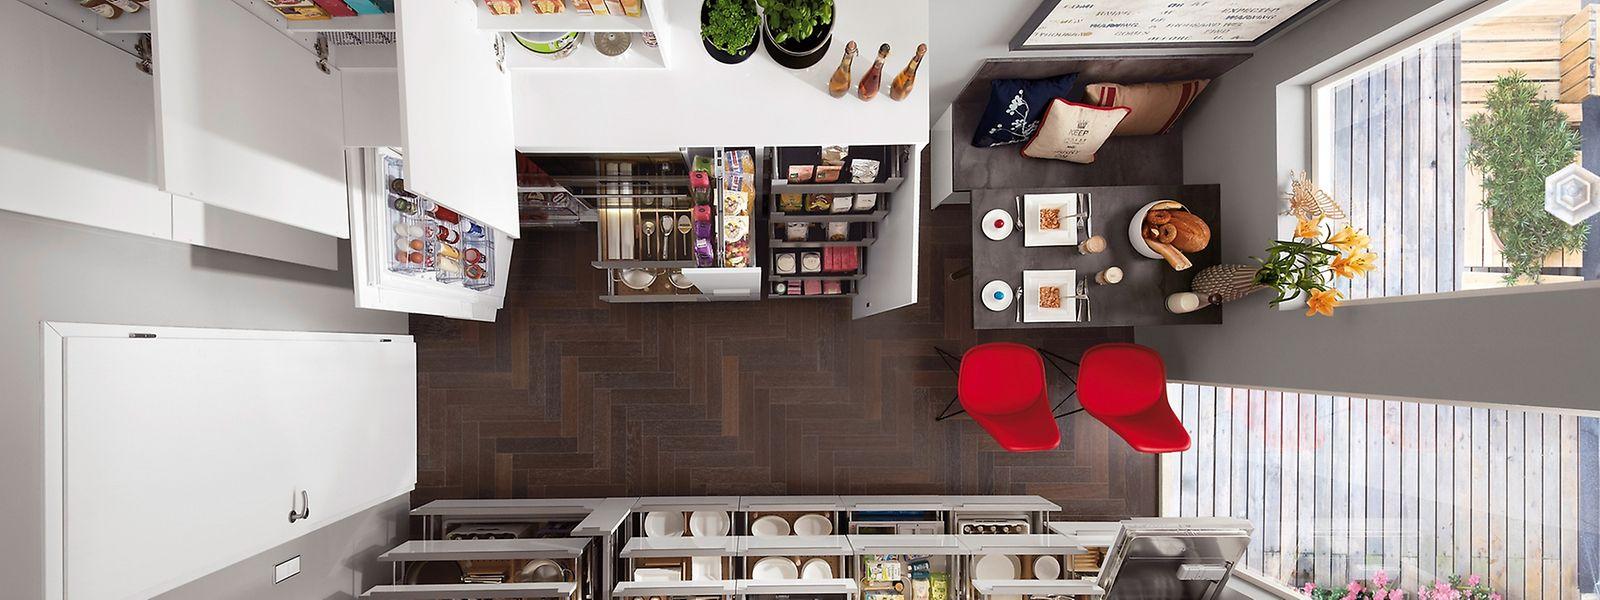 Groß Küchenschublade Zieht Platzierung Bilder - Küchenschrank Ideen ...